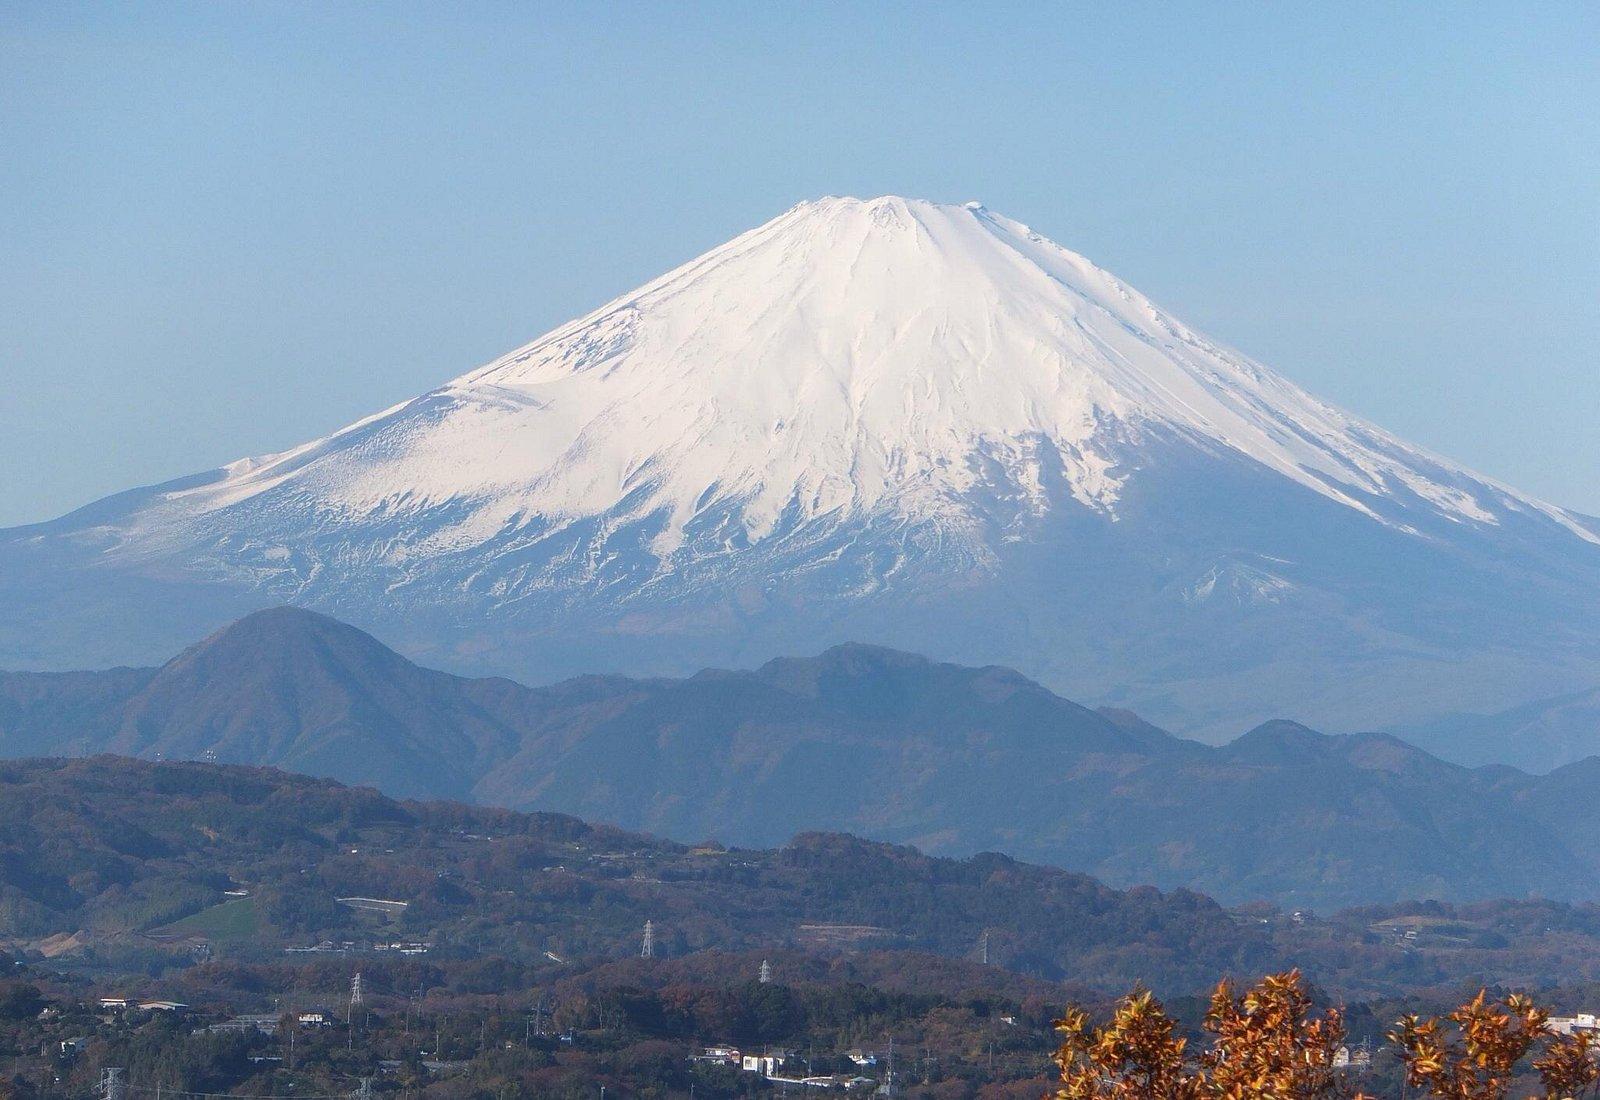 テレビ塔ではなく展望台からは手を伸ばせば届きそうな富士山が見えます。